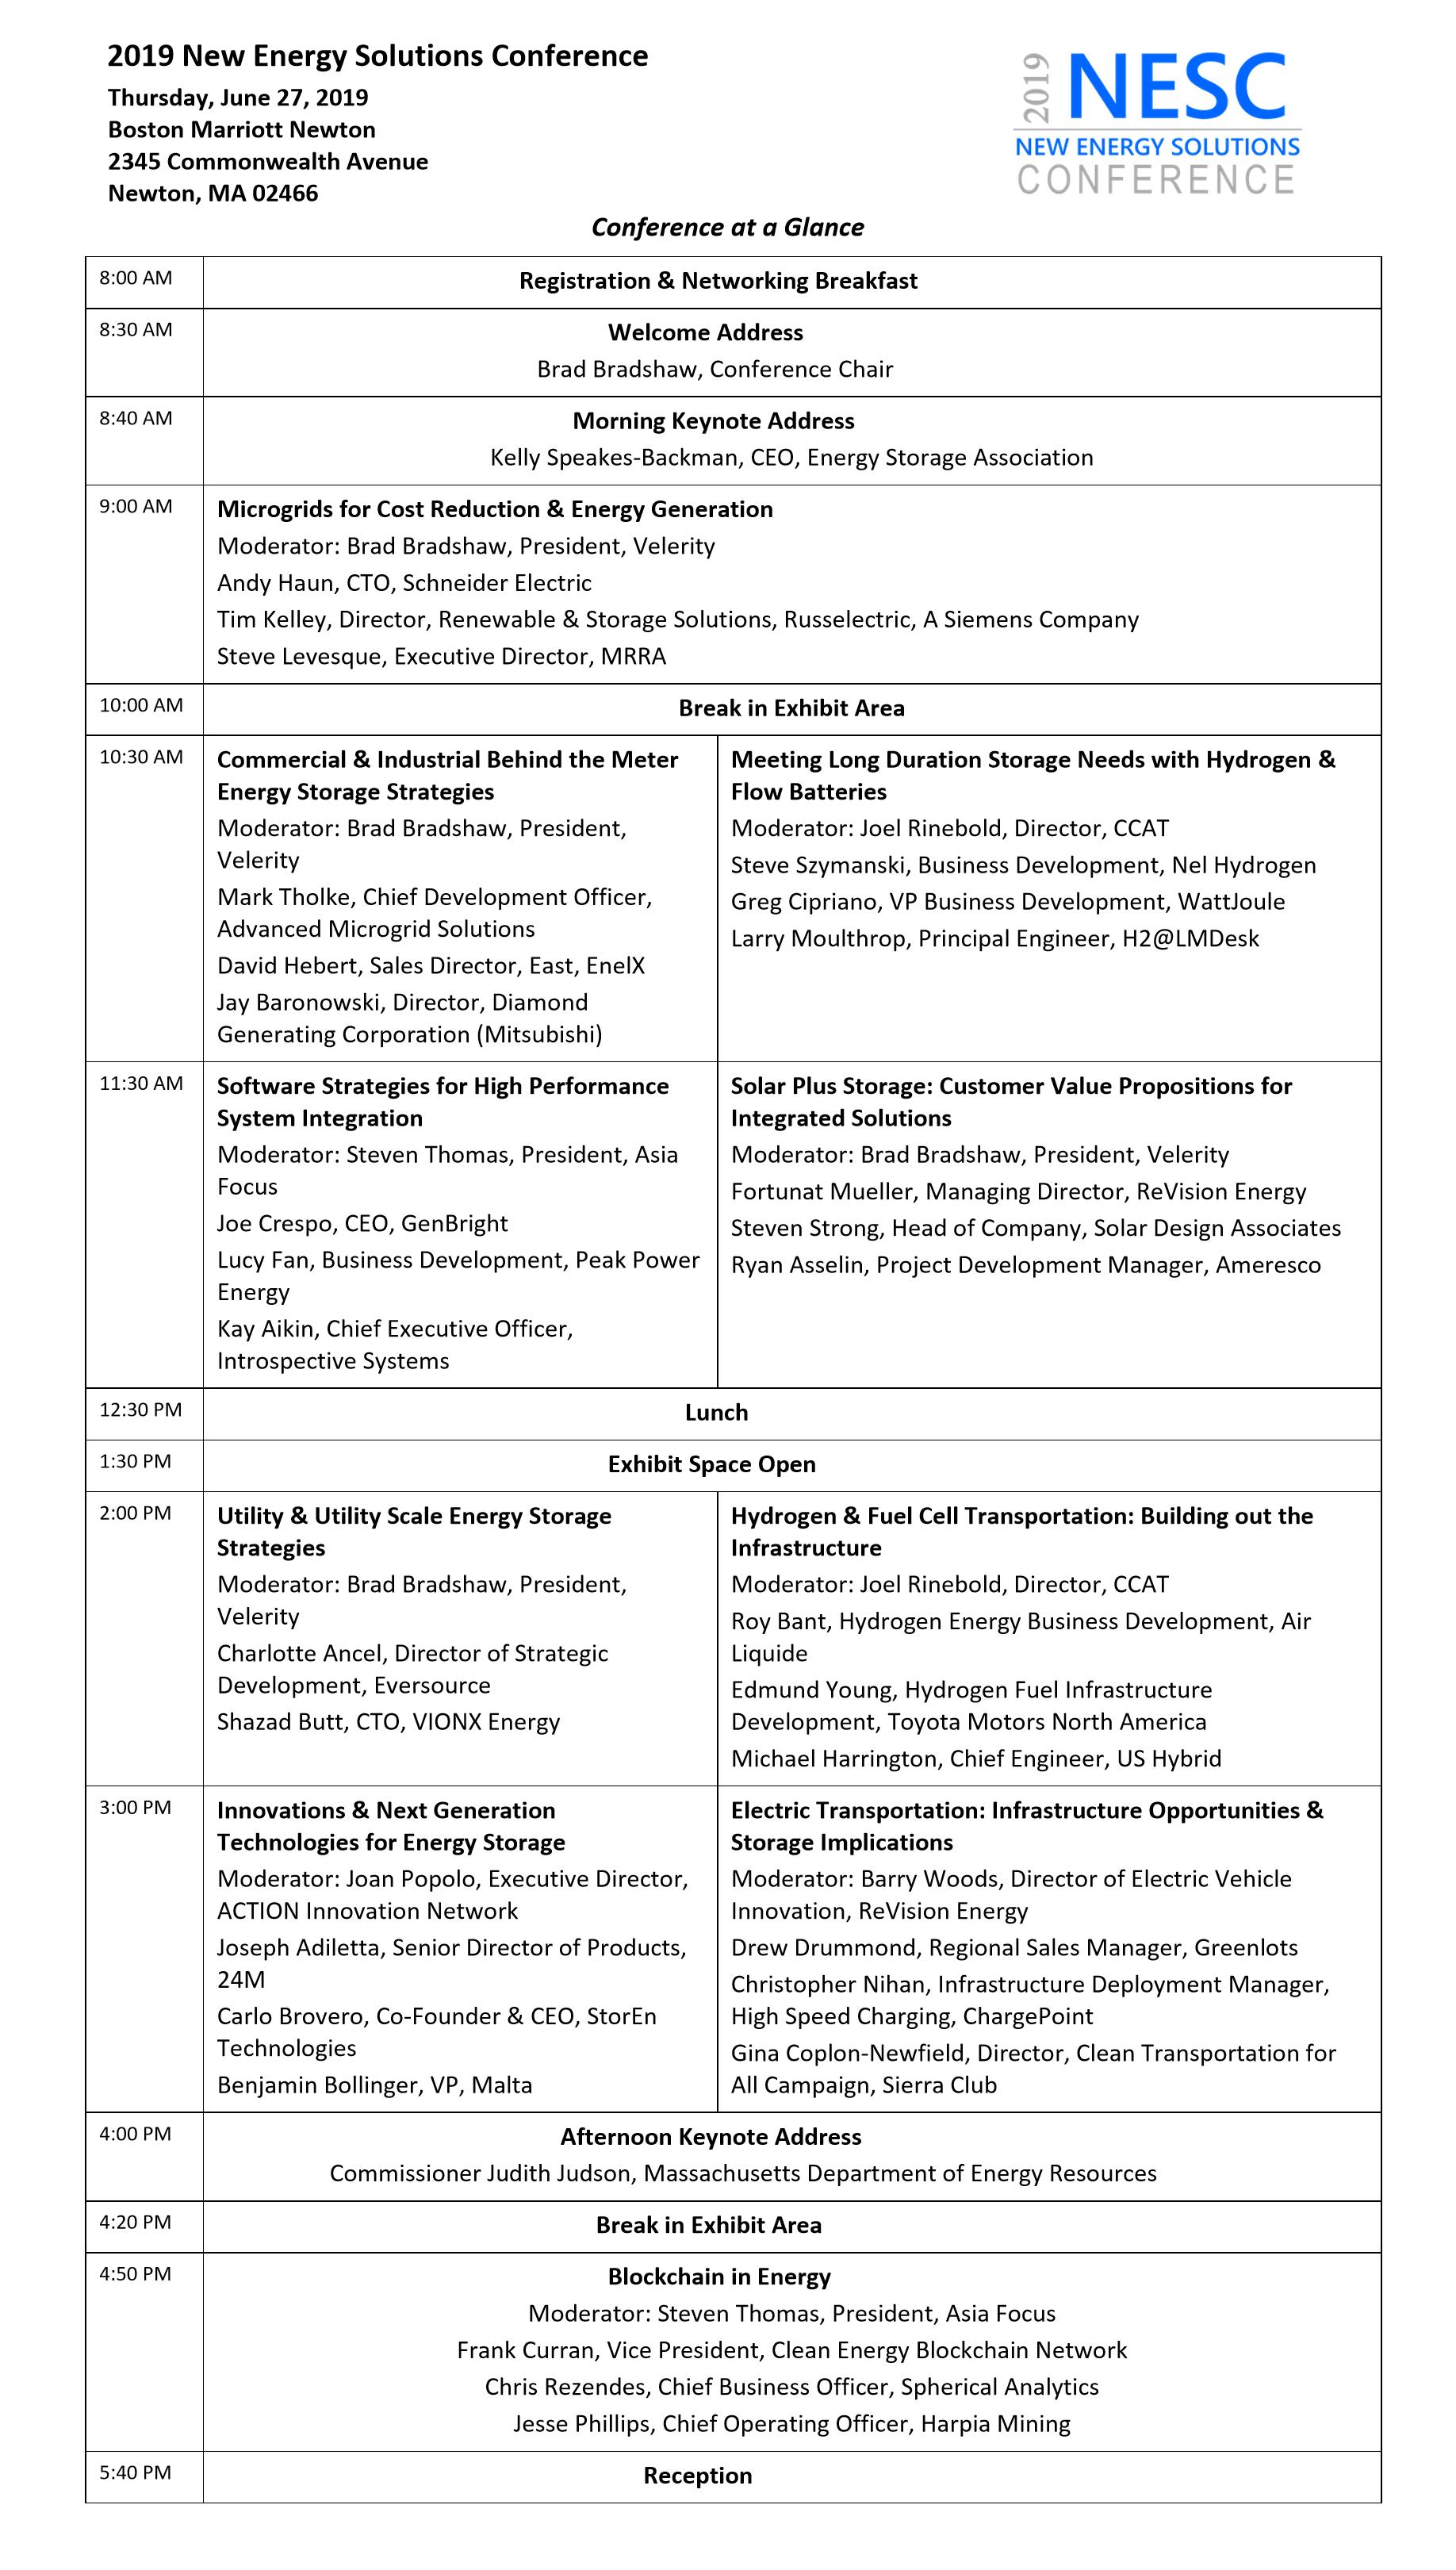 Agenda 6-20-2019.jpg